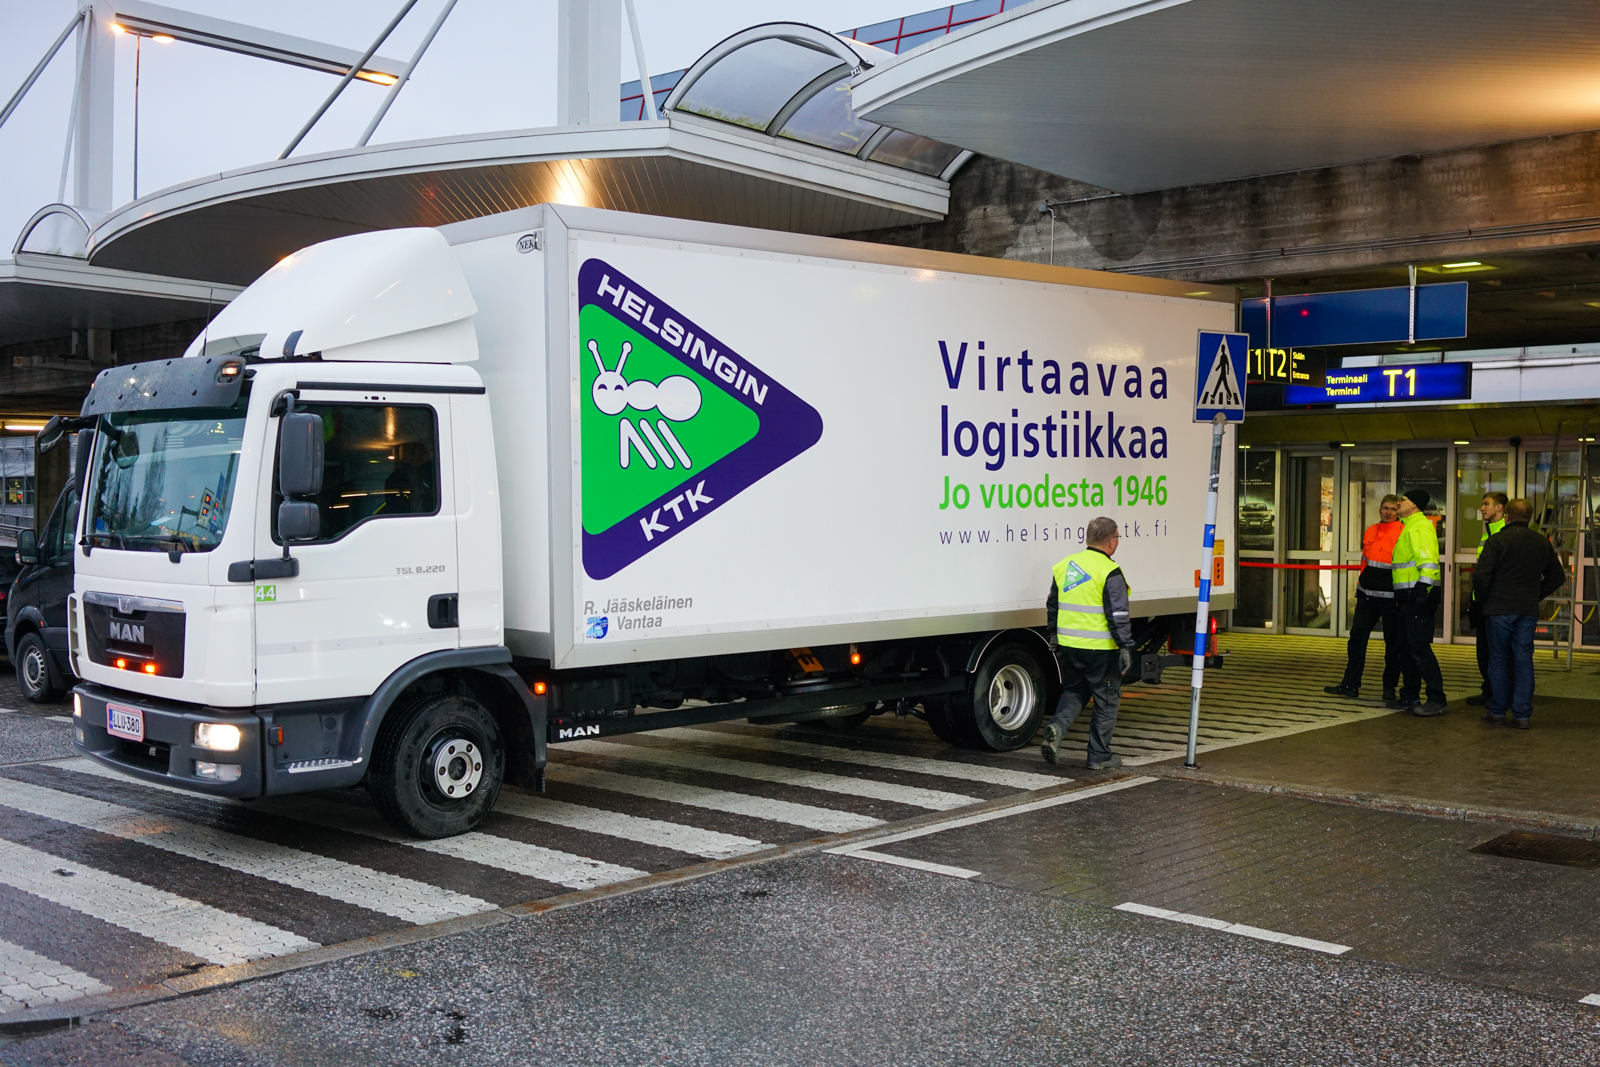 Toimitamme lippuautomaattia Helsinki-Vantaan lentokentälle.